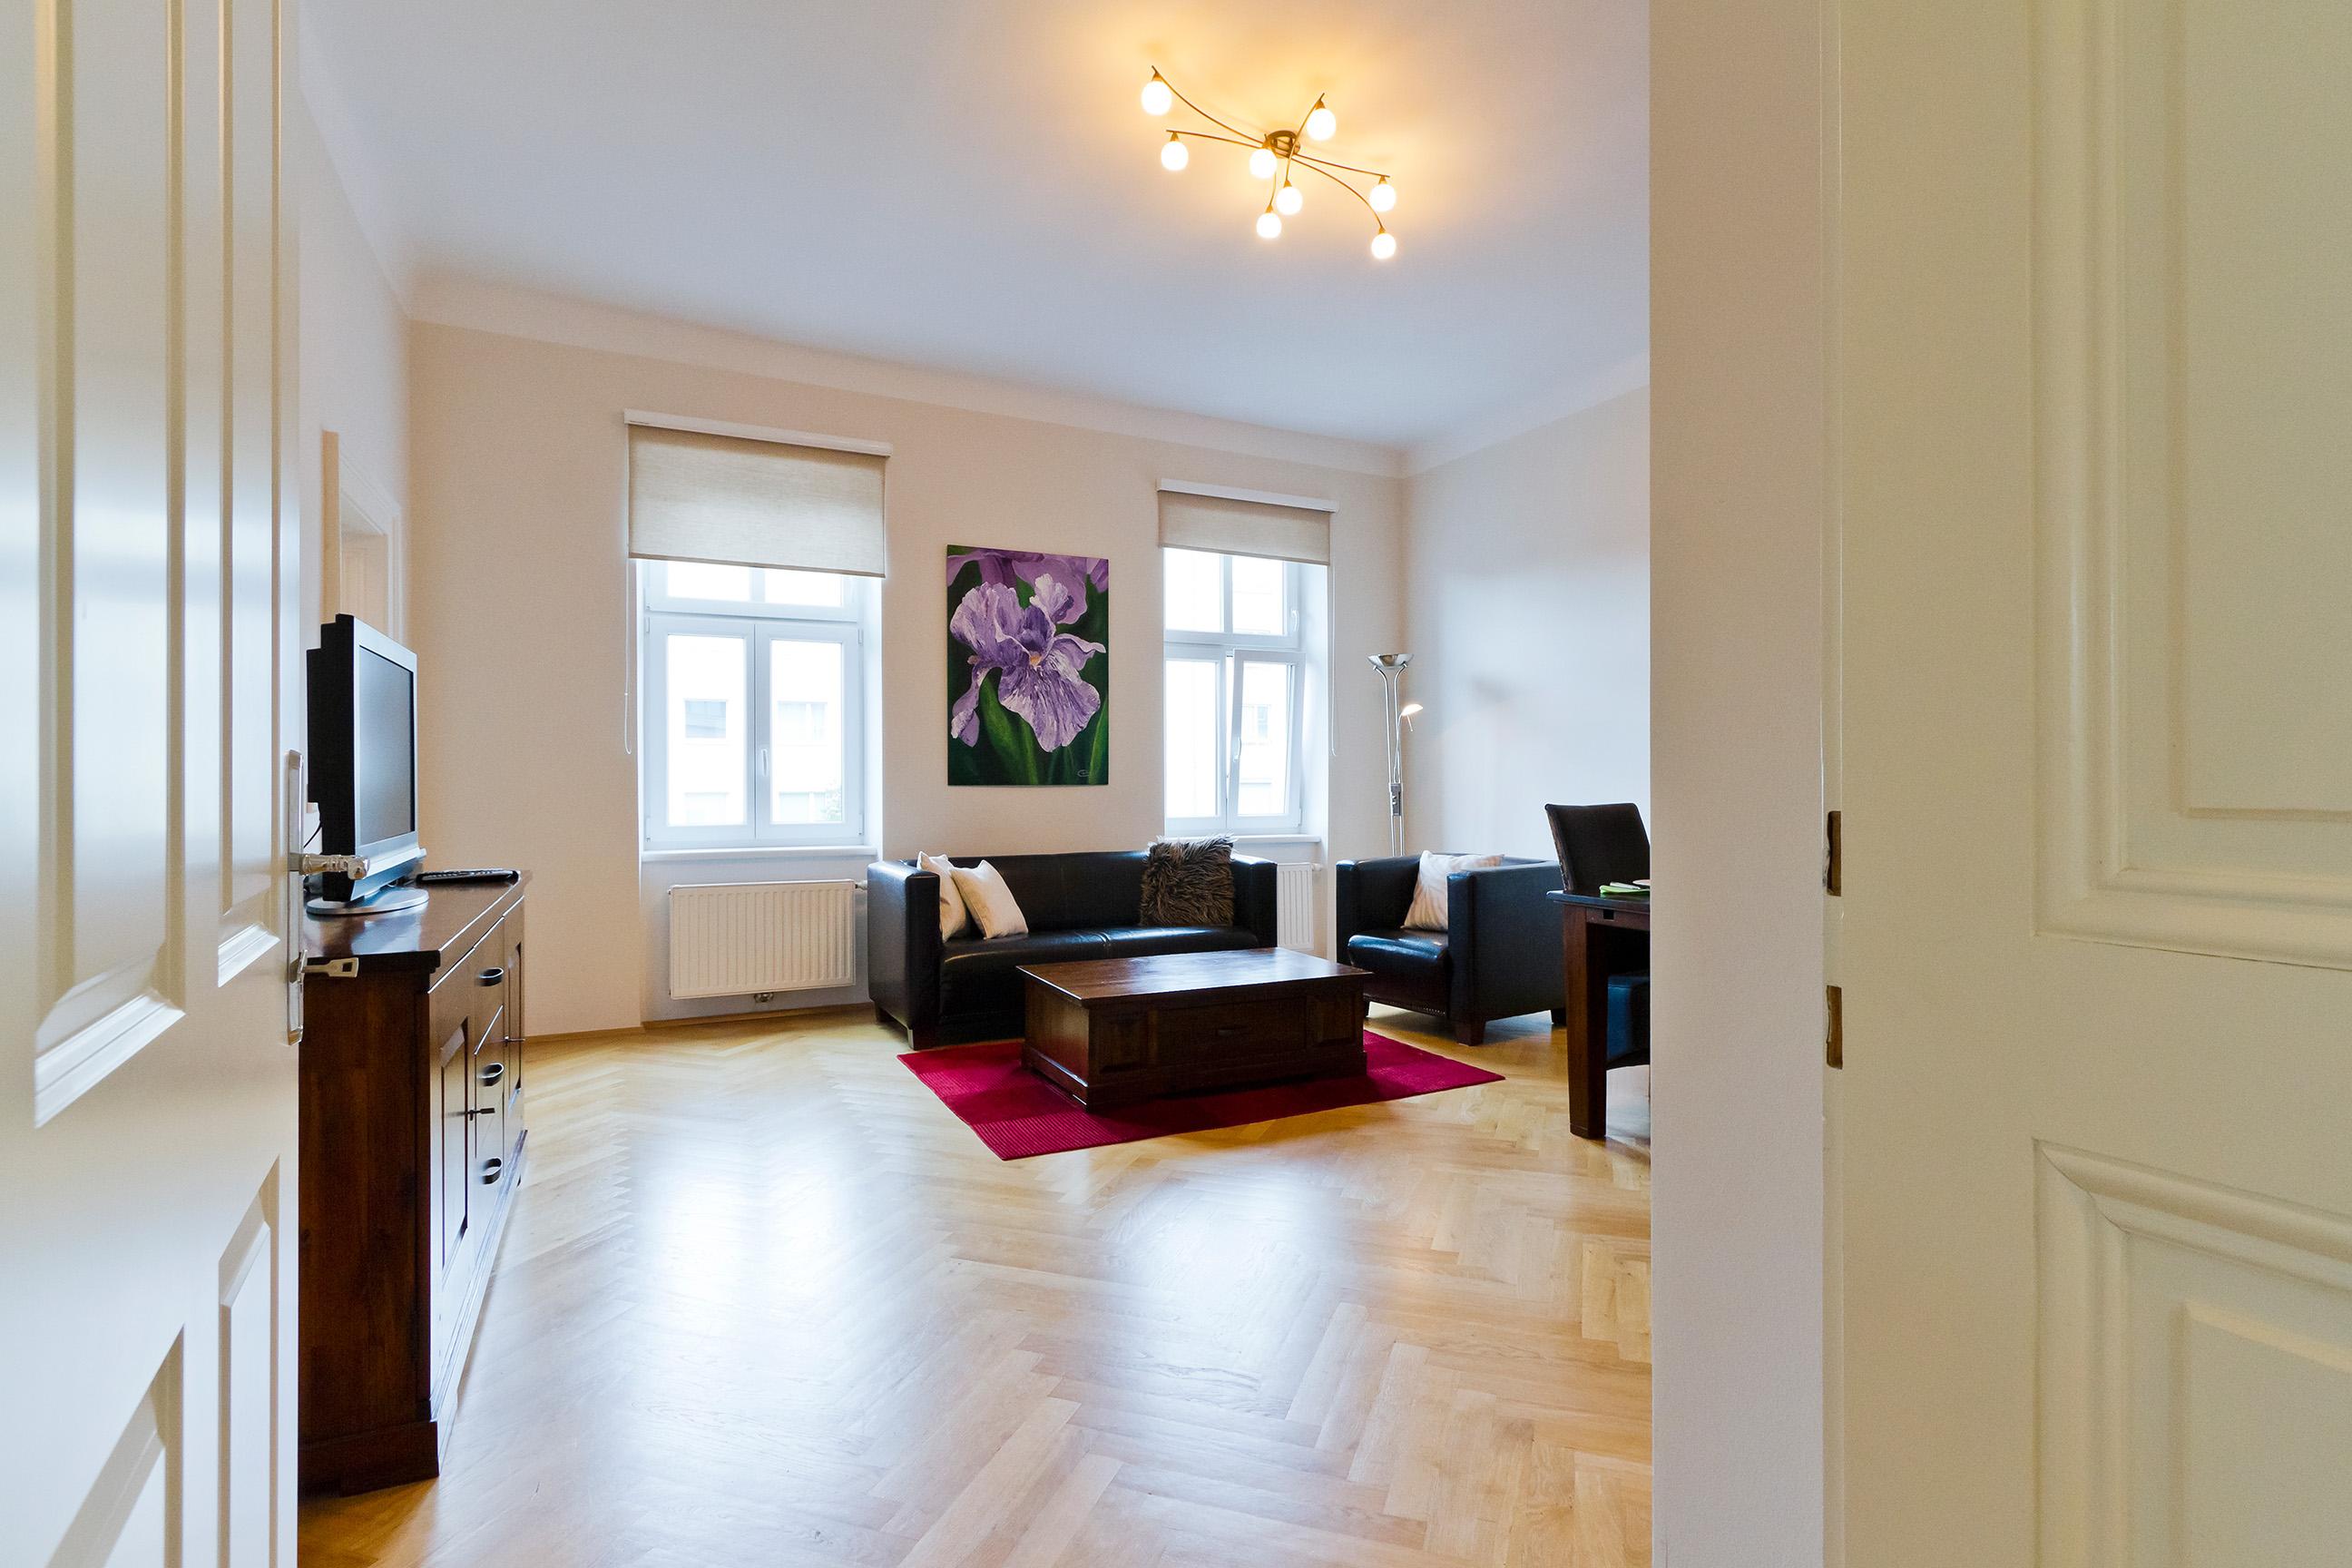 Franzensbr ckenstra e 24 donaukanal appartements for Wohnzimmer 19 jahrhundert